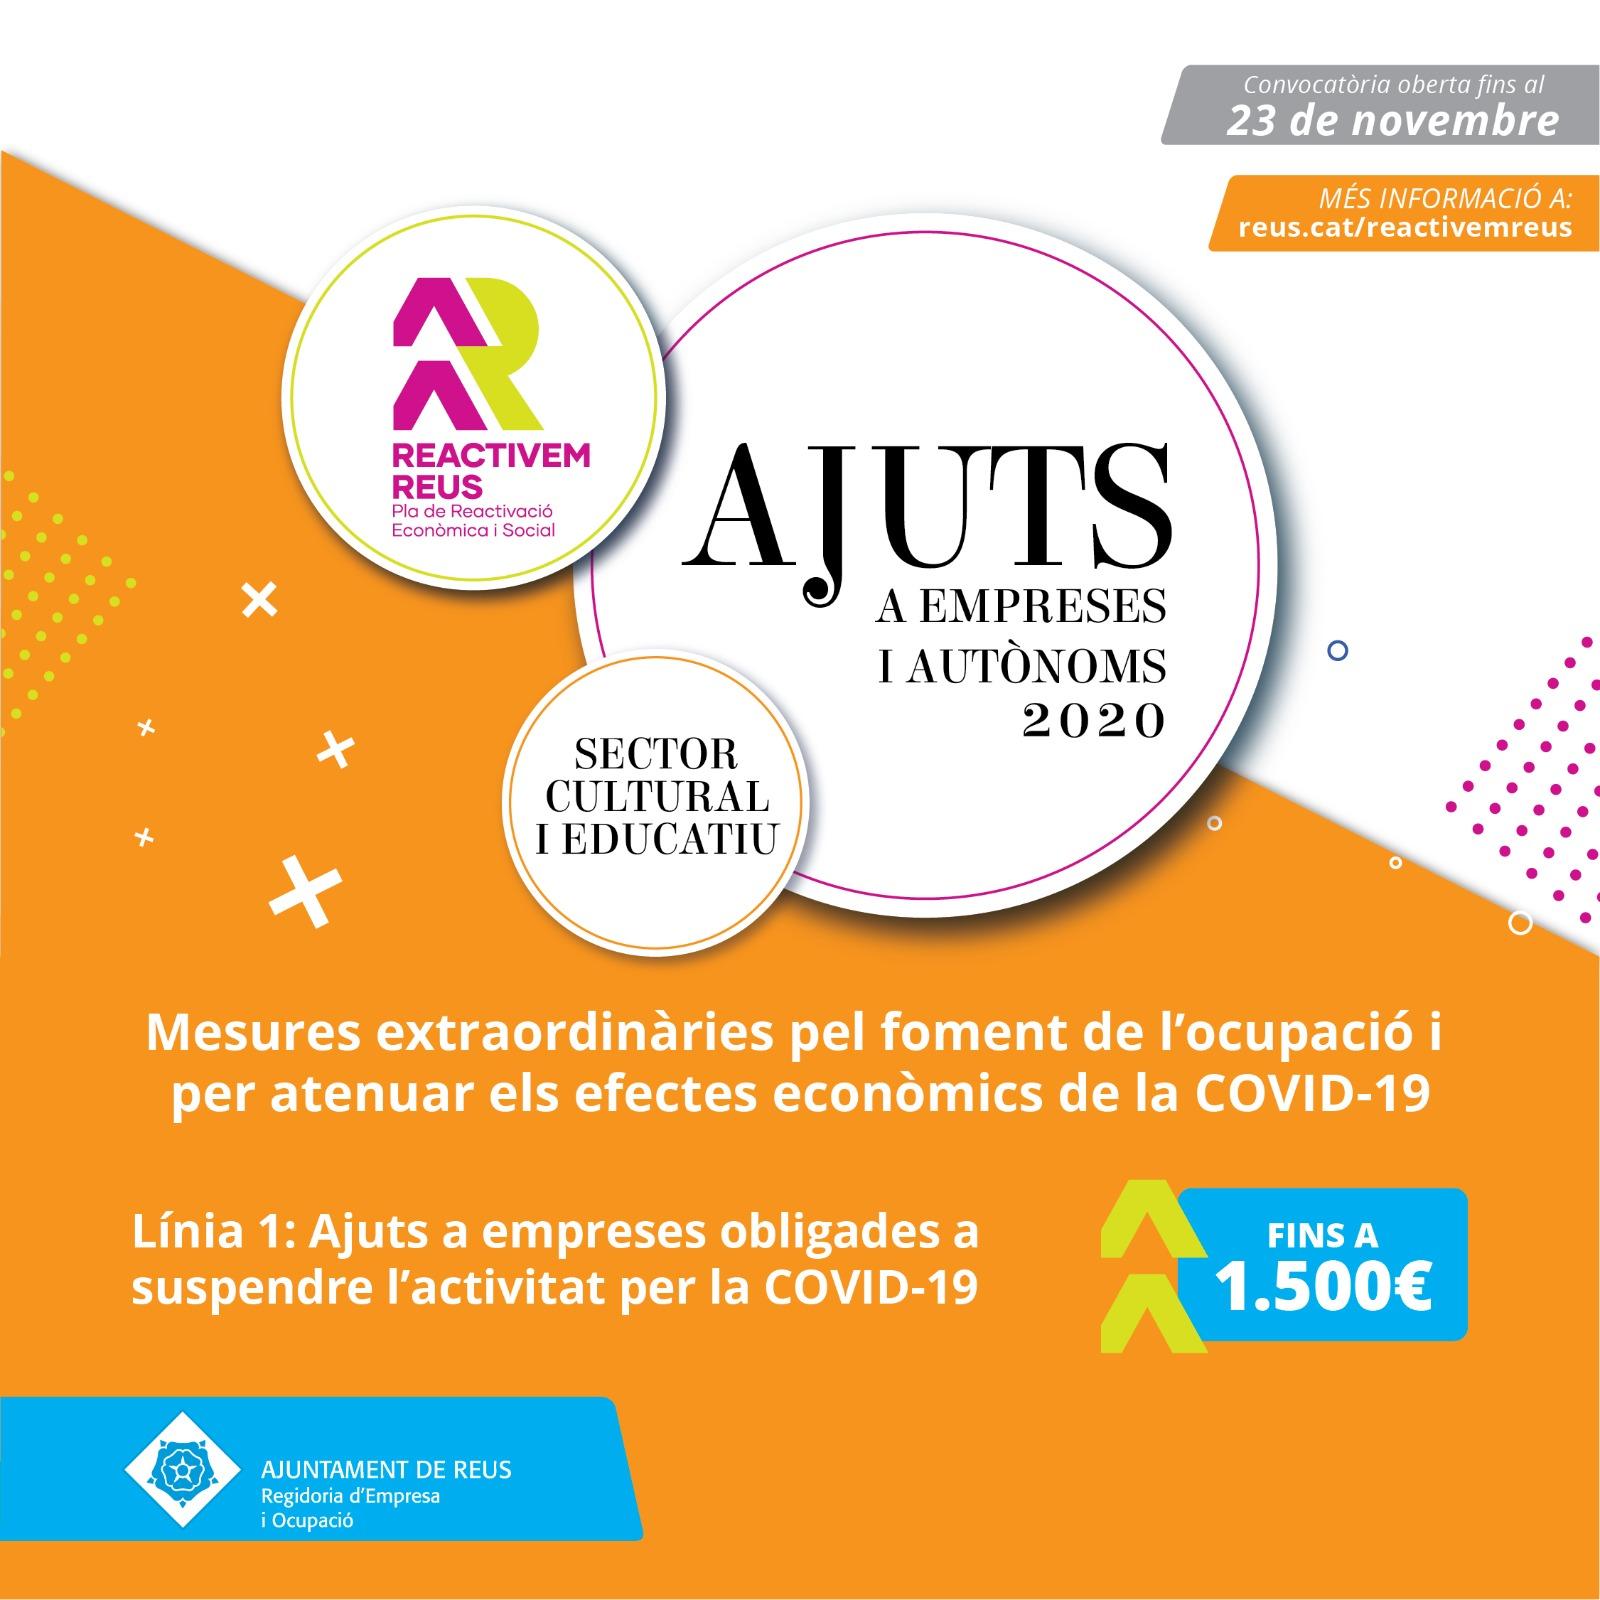 El Butlletí Oficial de la Província de Tarragona (BOPT) ha publicat aquest dimarts la segona convocatòria de subvencions a empreses i au...